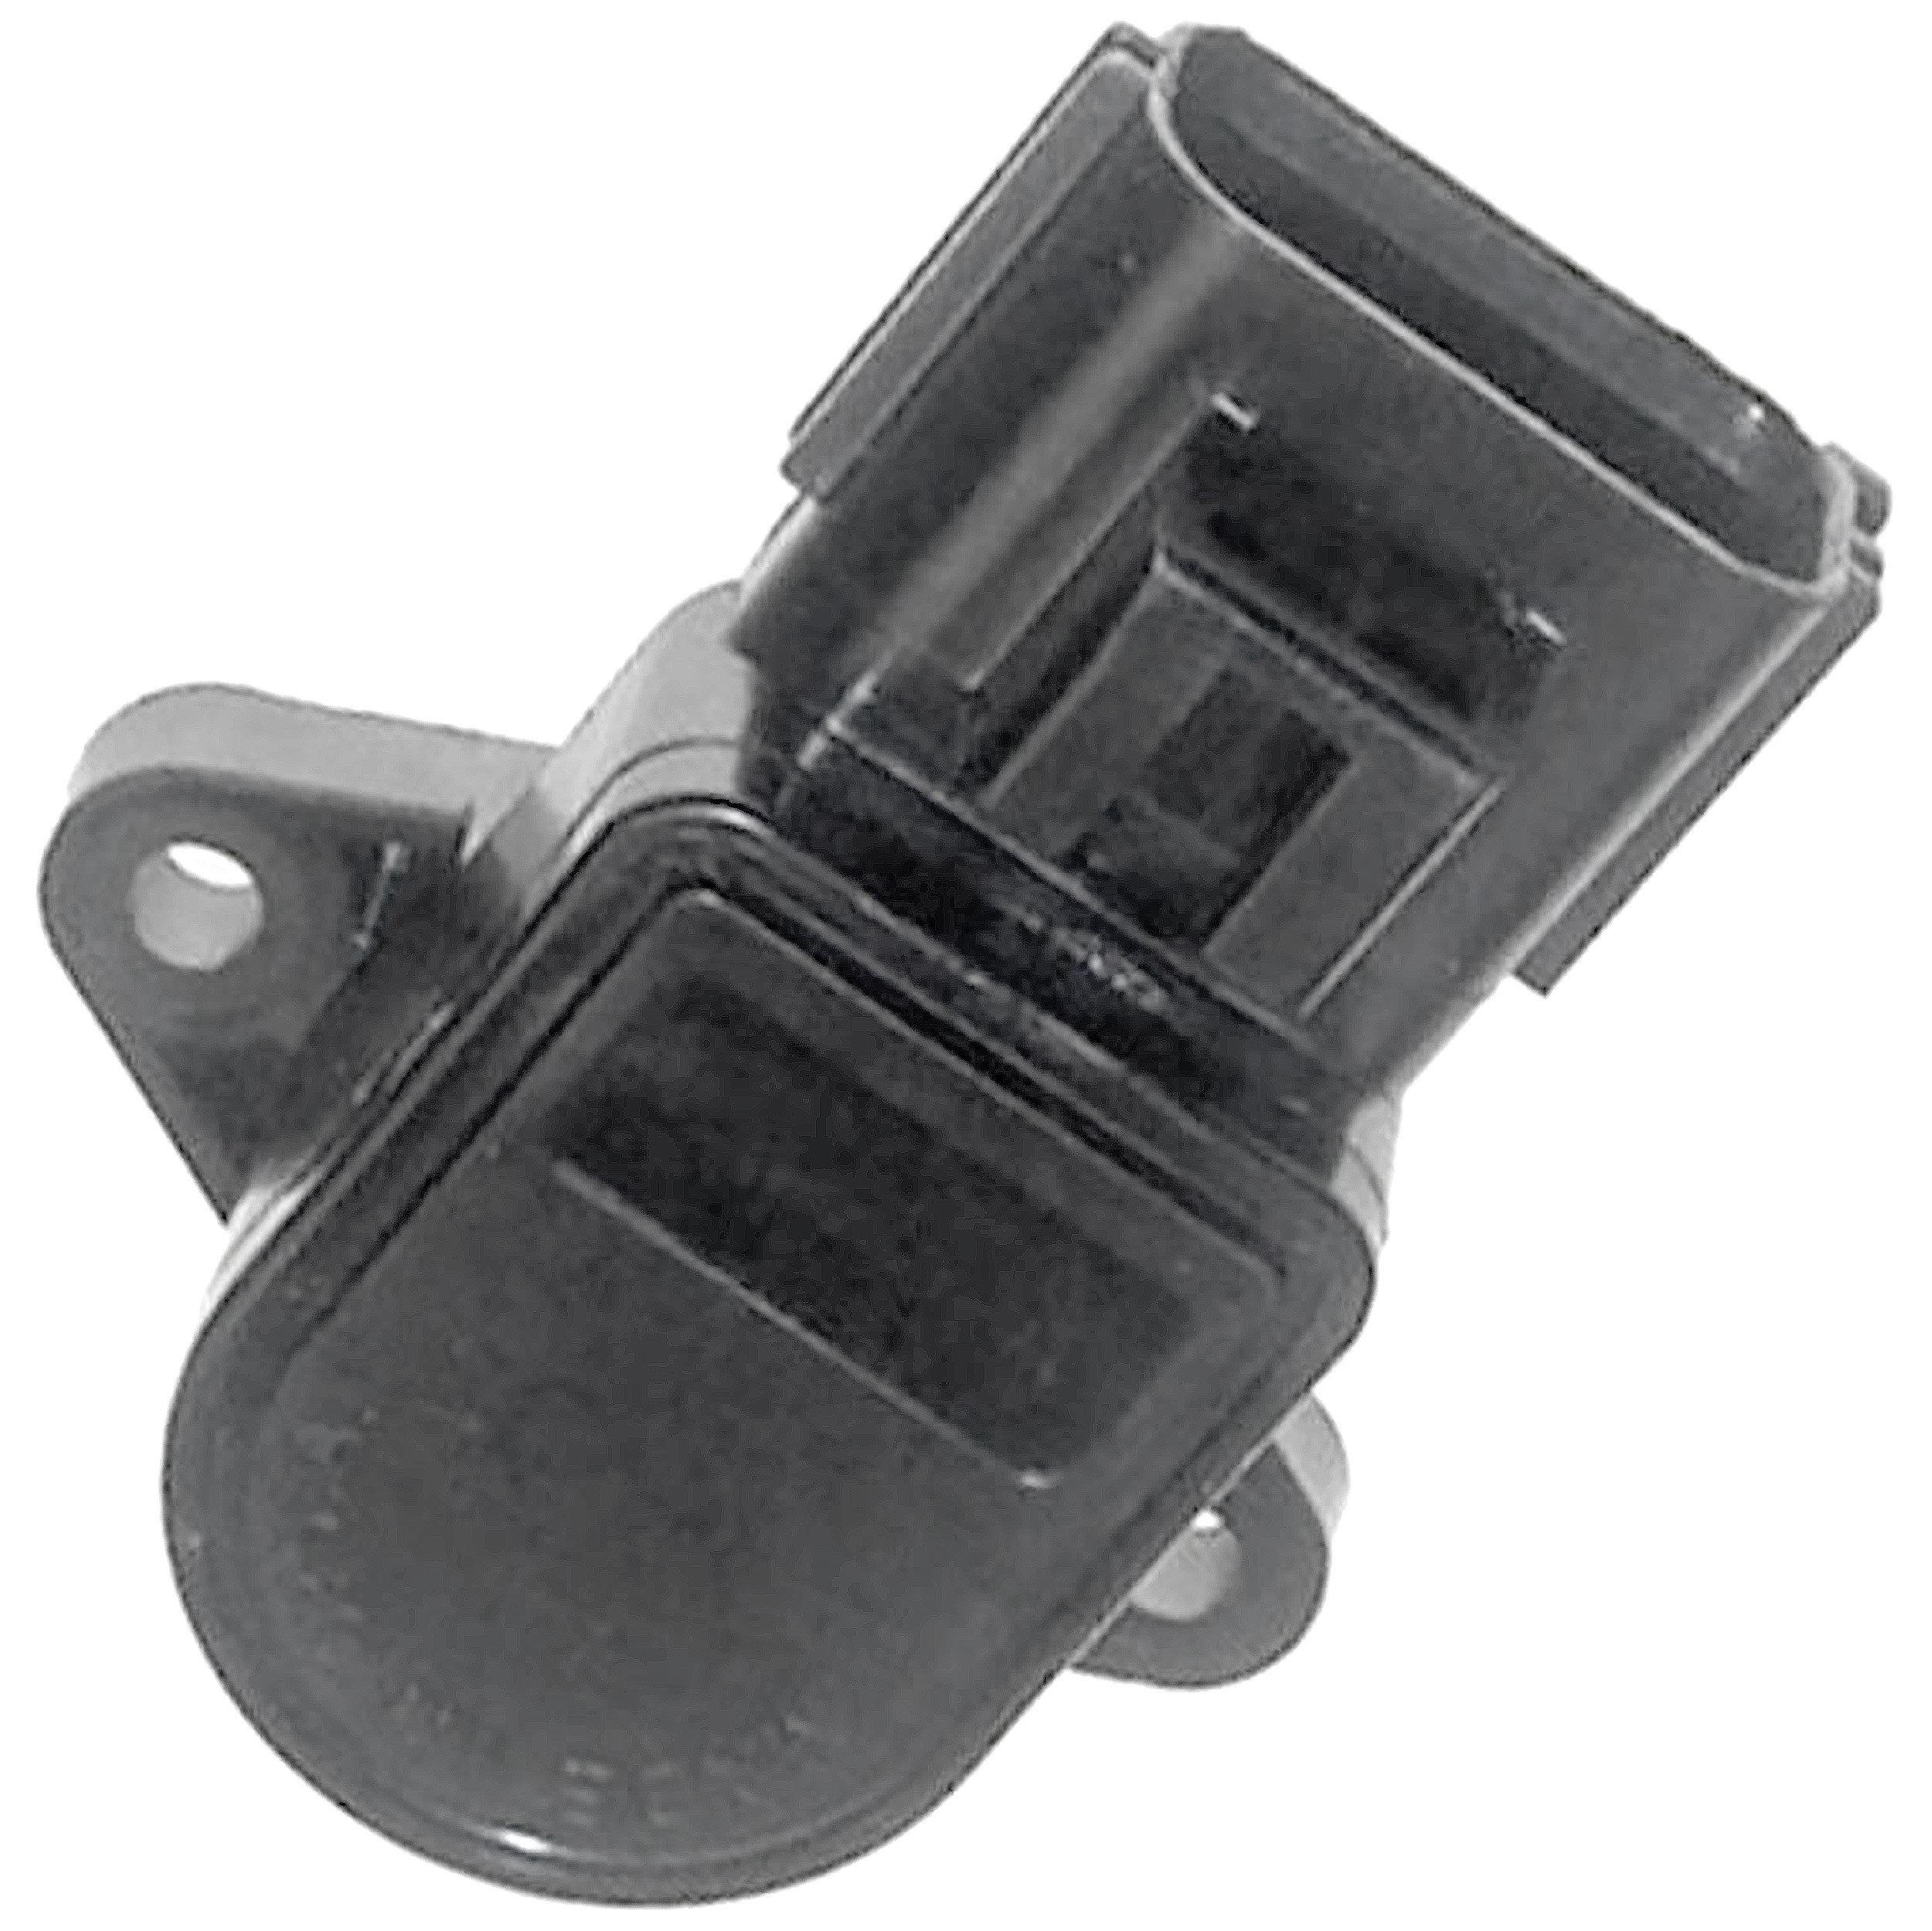 APDTY 139979 TPS Throttle Position Acelerator Gas Pedal Potentiometer Sensor (Replaces DY1164, DY1116, 6L2Z-9B989-A, 6L2Z 9B989-D, 3L5Z-9B989-AA, 3L5Z9B989AA)